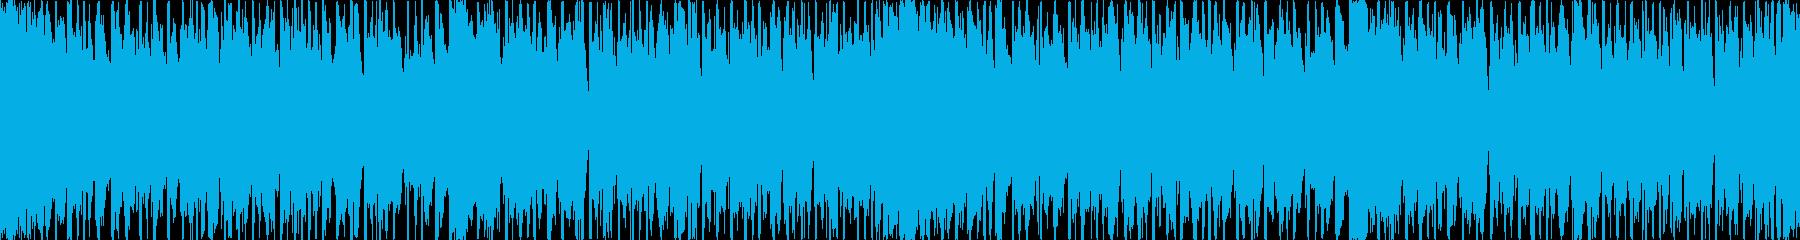 【ループ素材】ウクレレ、爽やか、明るいの再生済みの波形